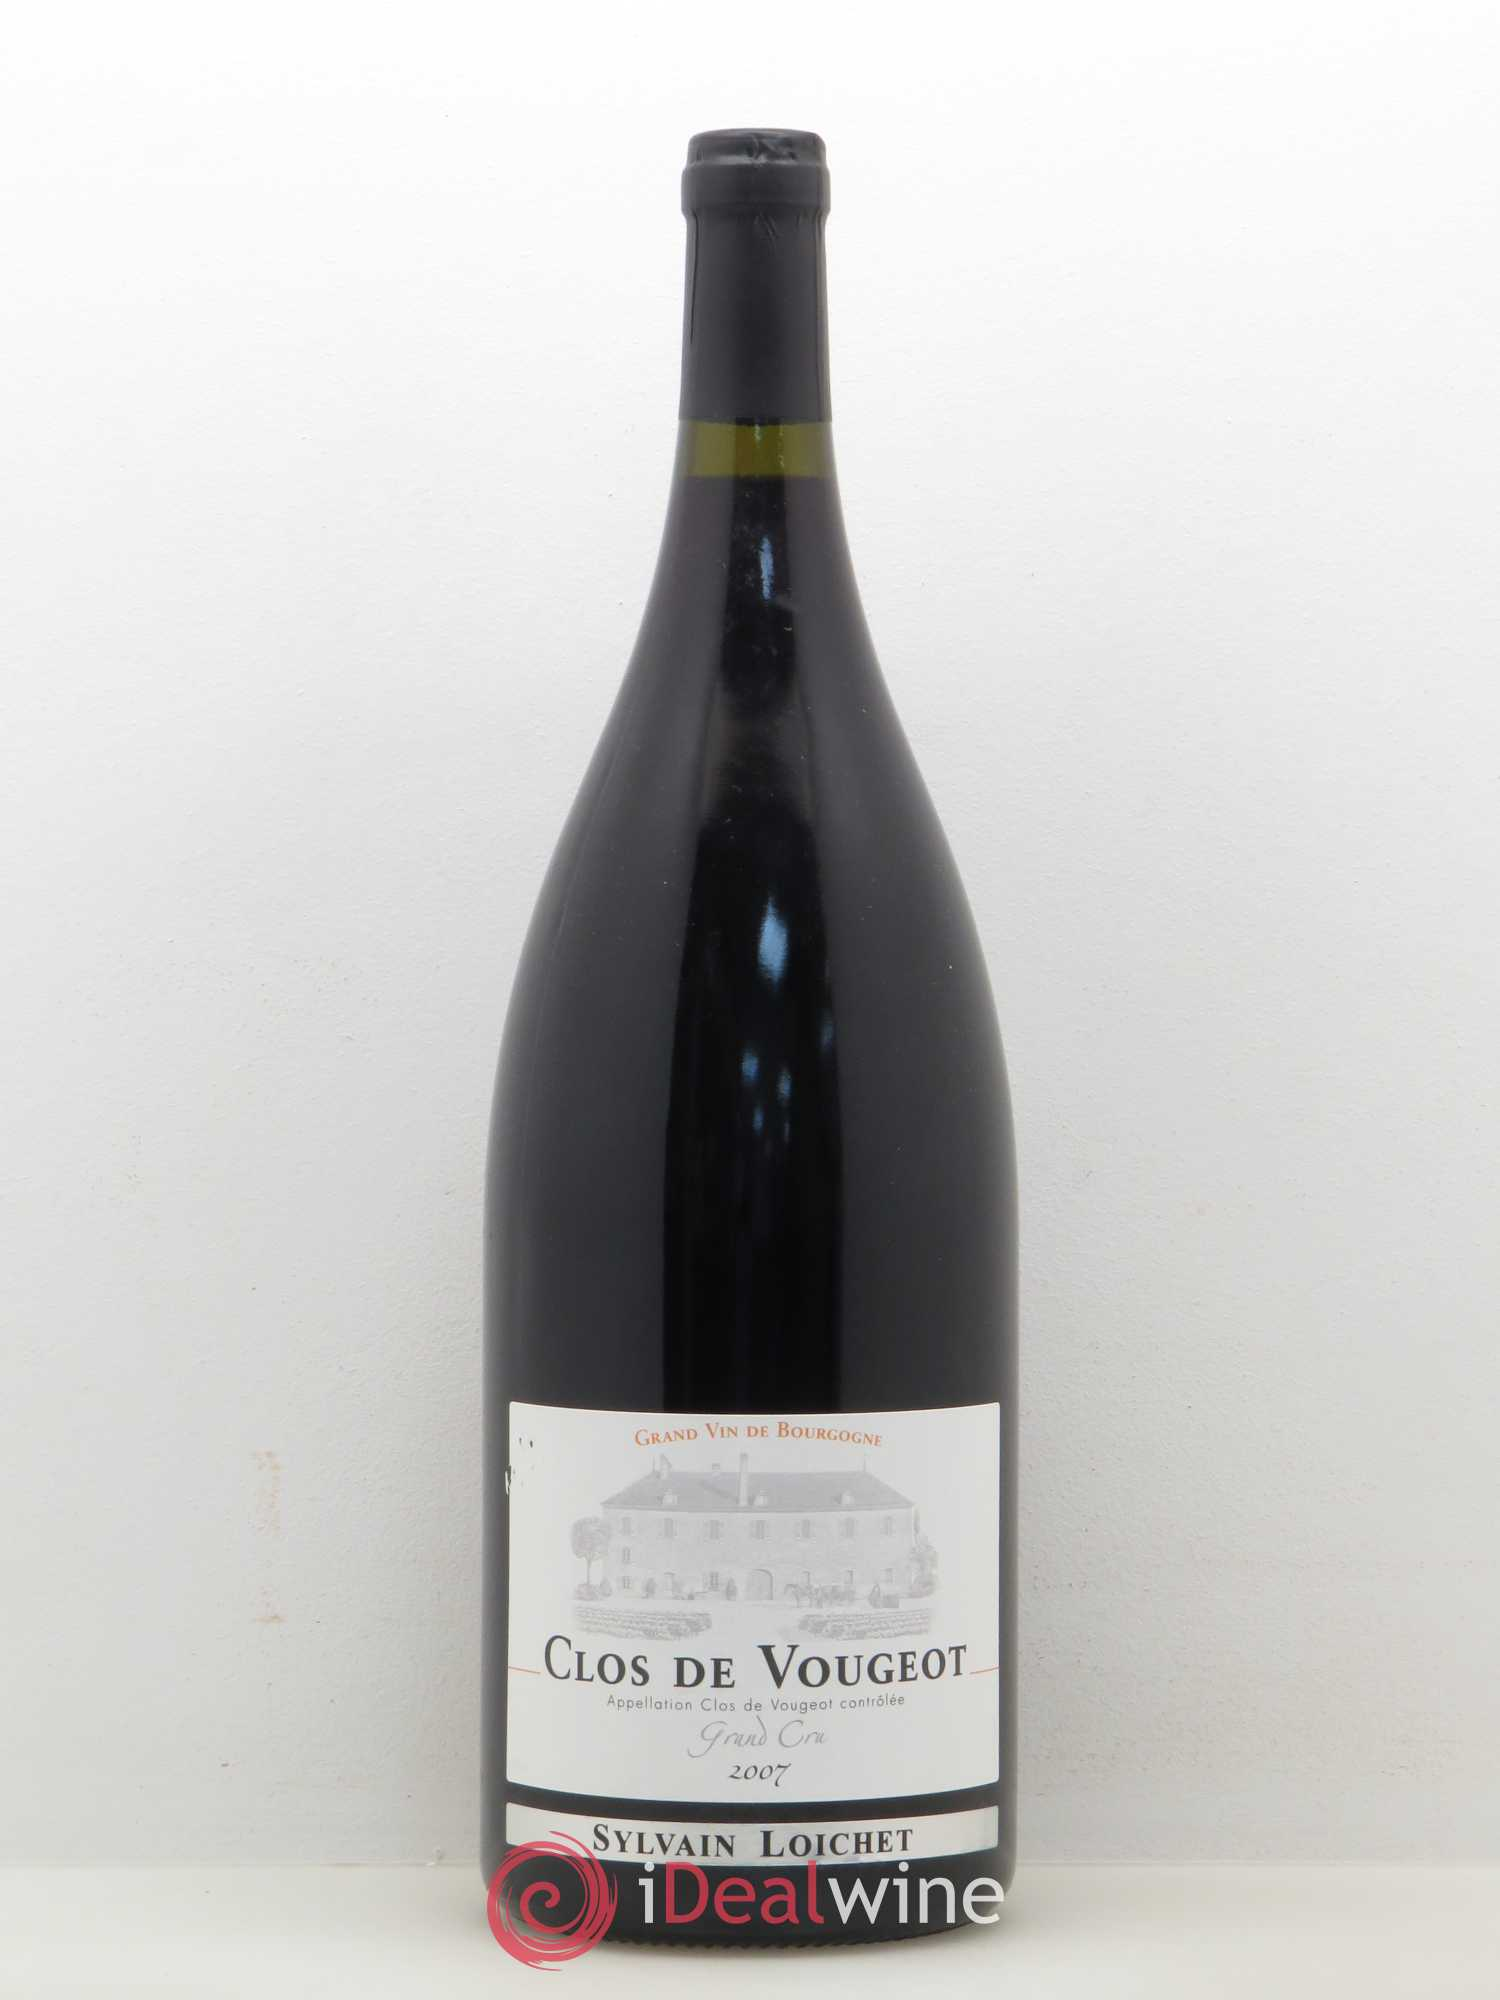 Grand Sylvain Clos De Vougeot Loichet 2007 Cru KJc1TlF